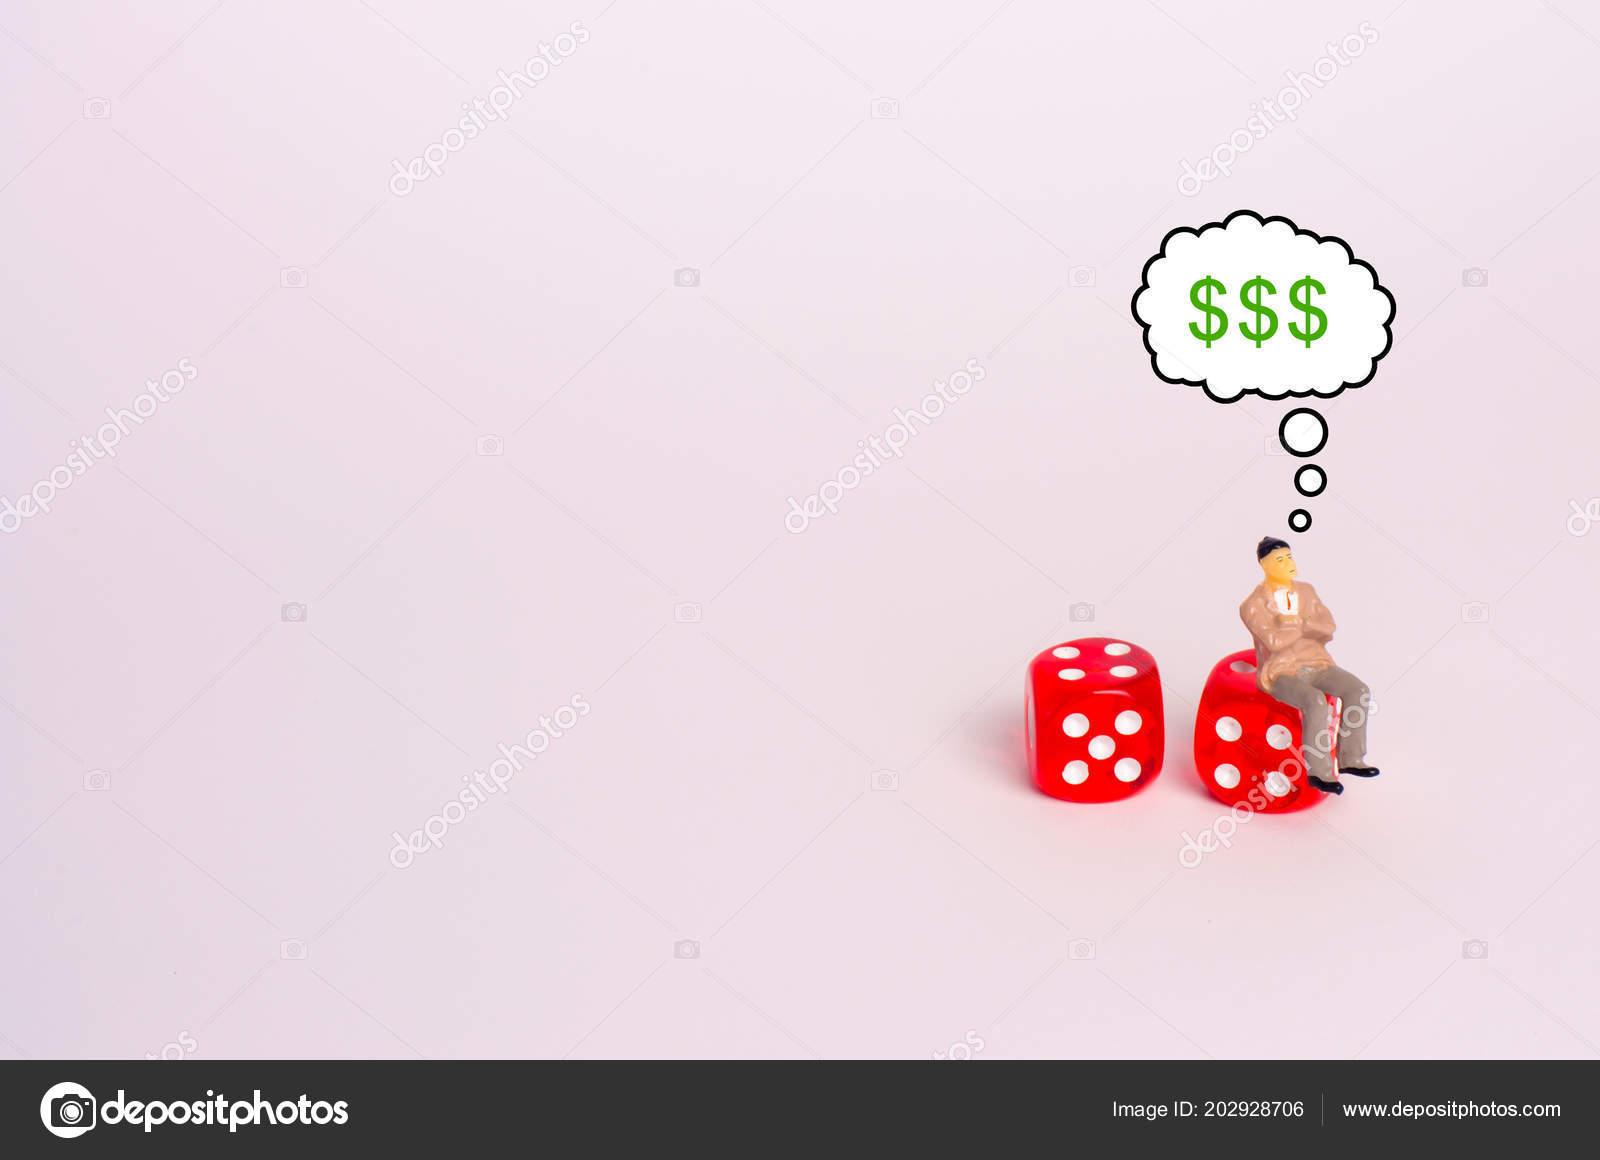 Понятие азартных игр. Теория вероятностей. Потеряете в казино. Букмекерские конторы, играя на фондовой бирже — Фото автора ...